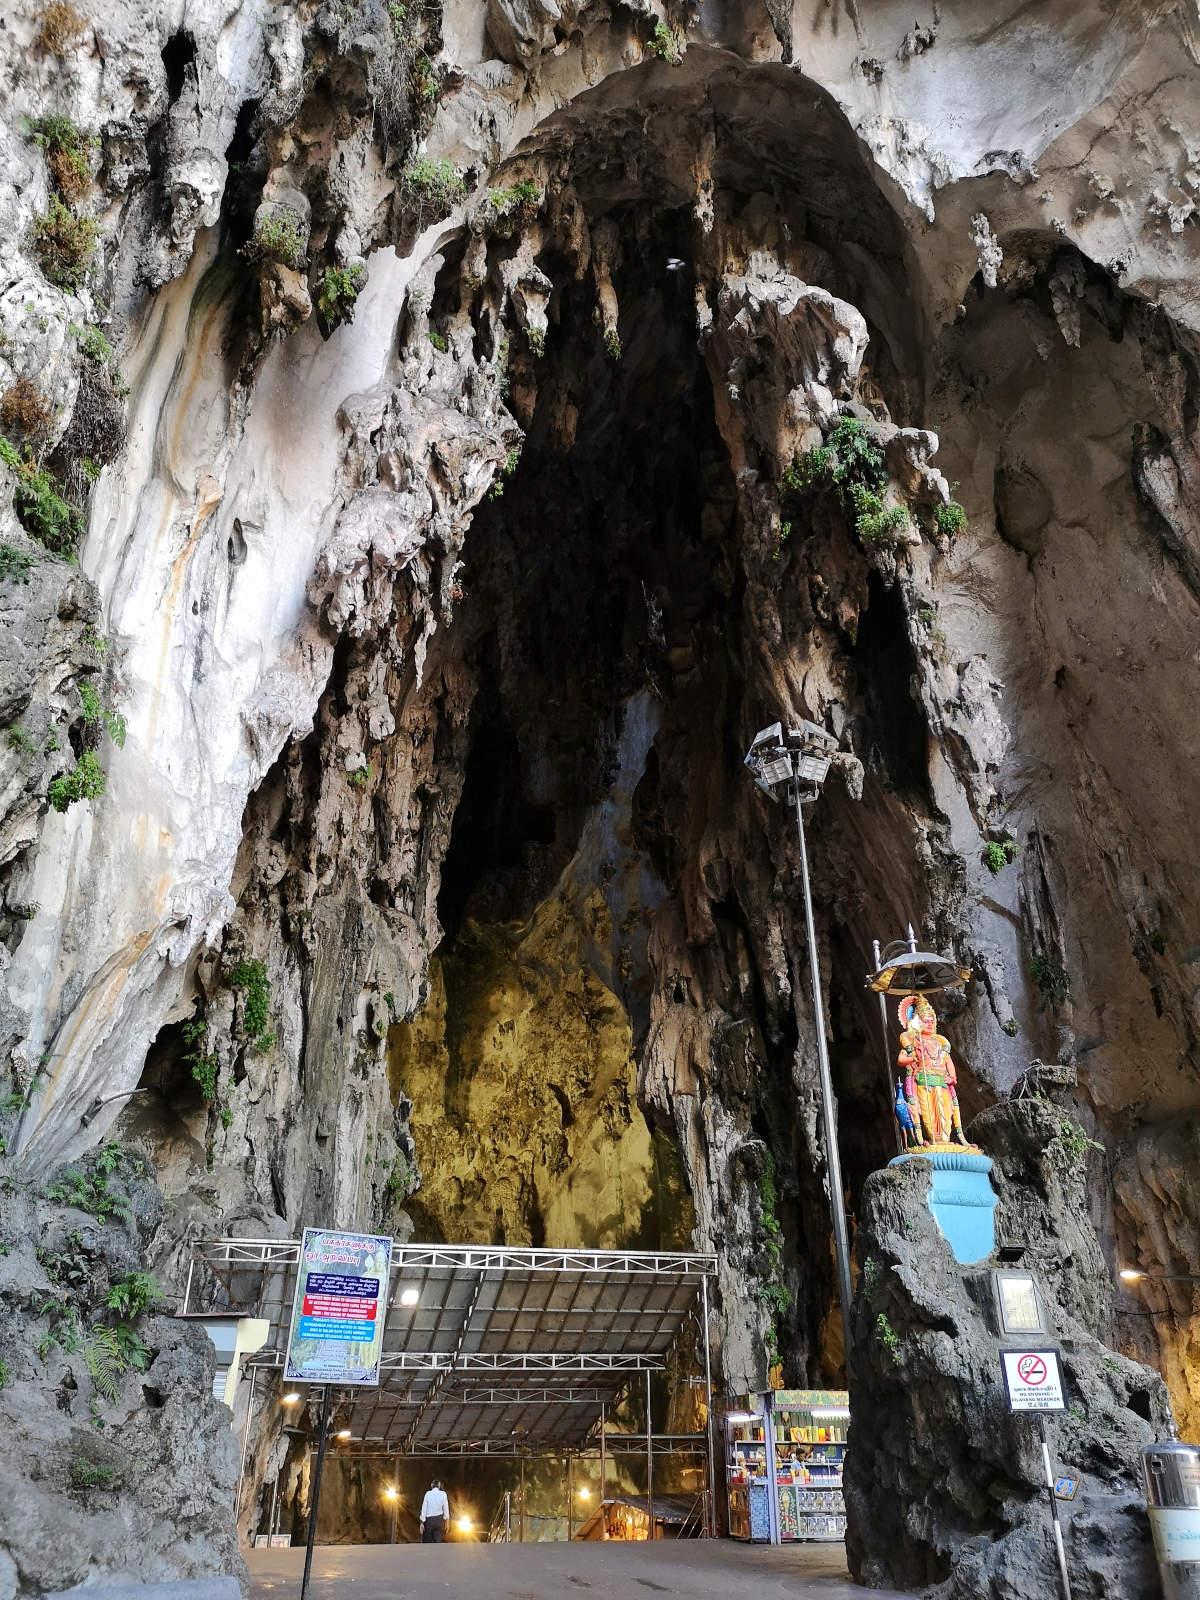 Der Eingang zur Tempelhöhle oder Kathedralenhöhle der Batu Caves nach der Treppe zeigt eine tolle Gesteinsformation. Wanderhunger